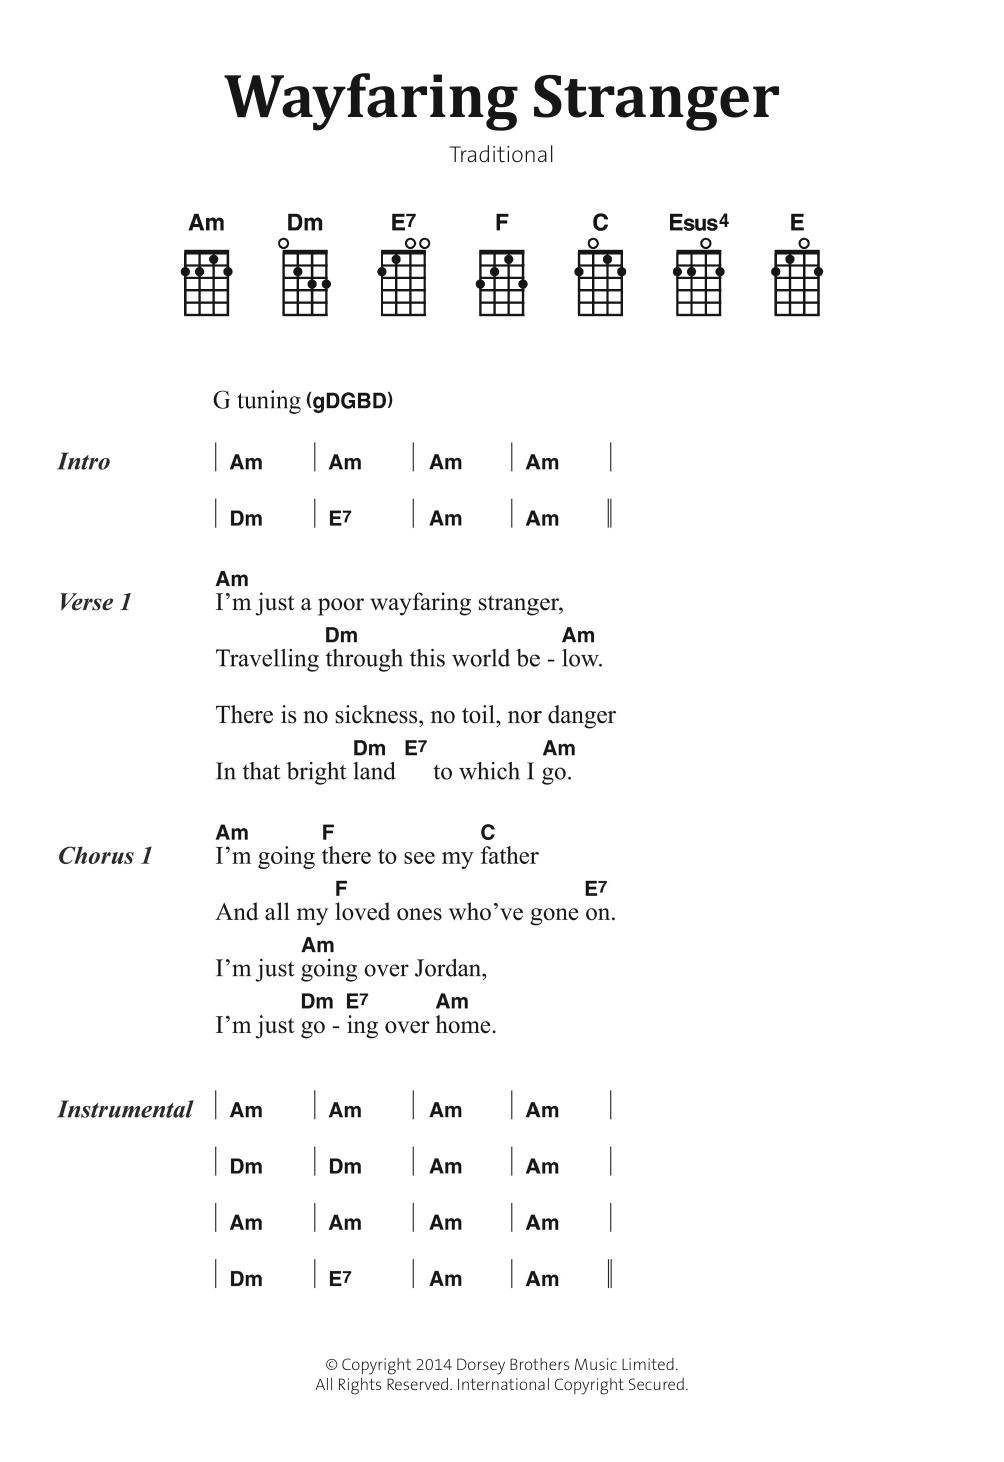 Traditional Folksong - Wayfaring Stranger